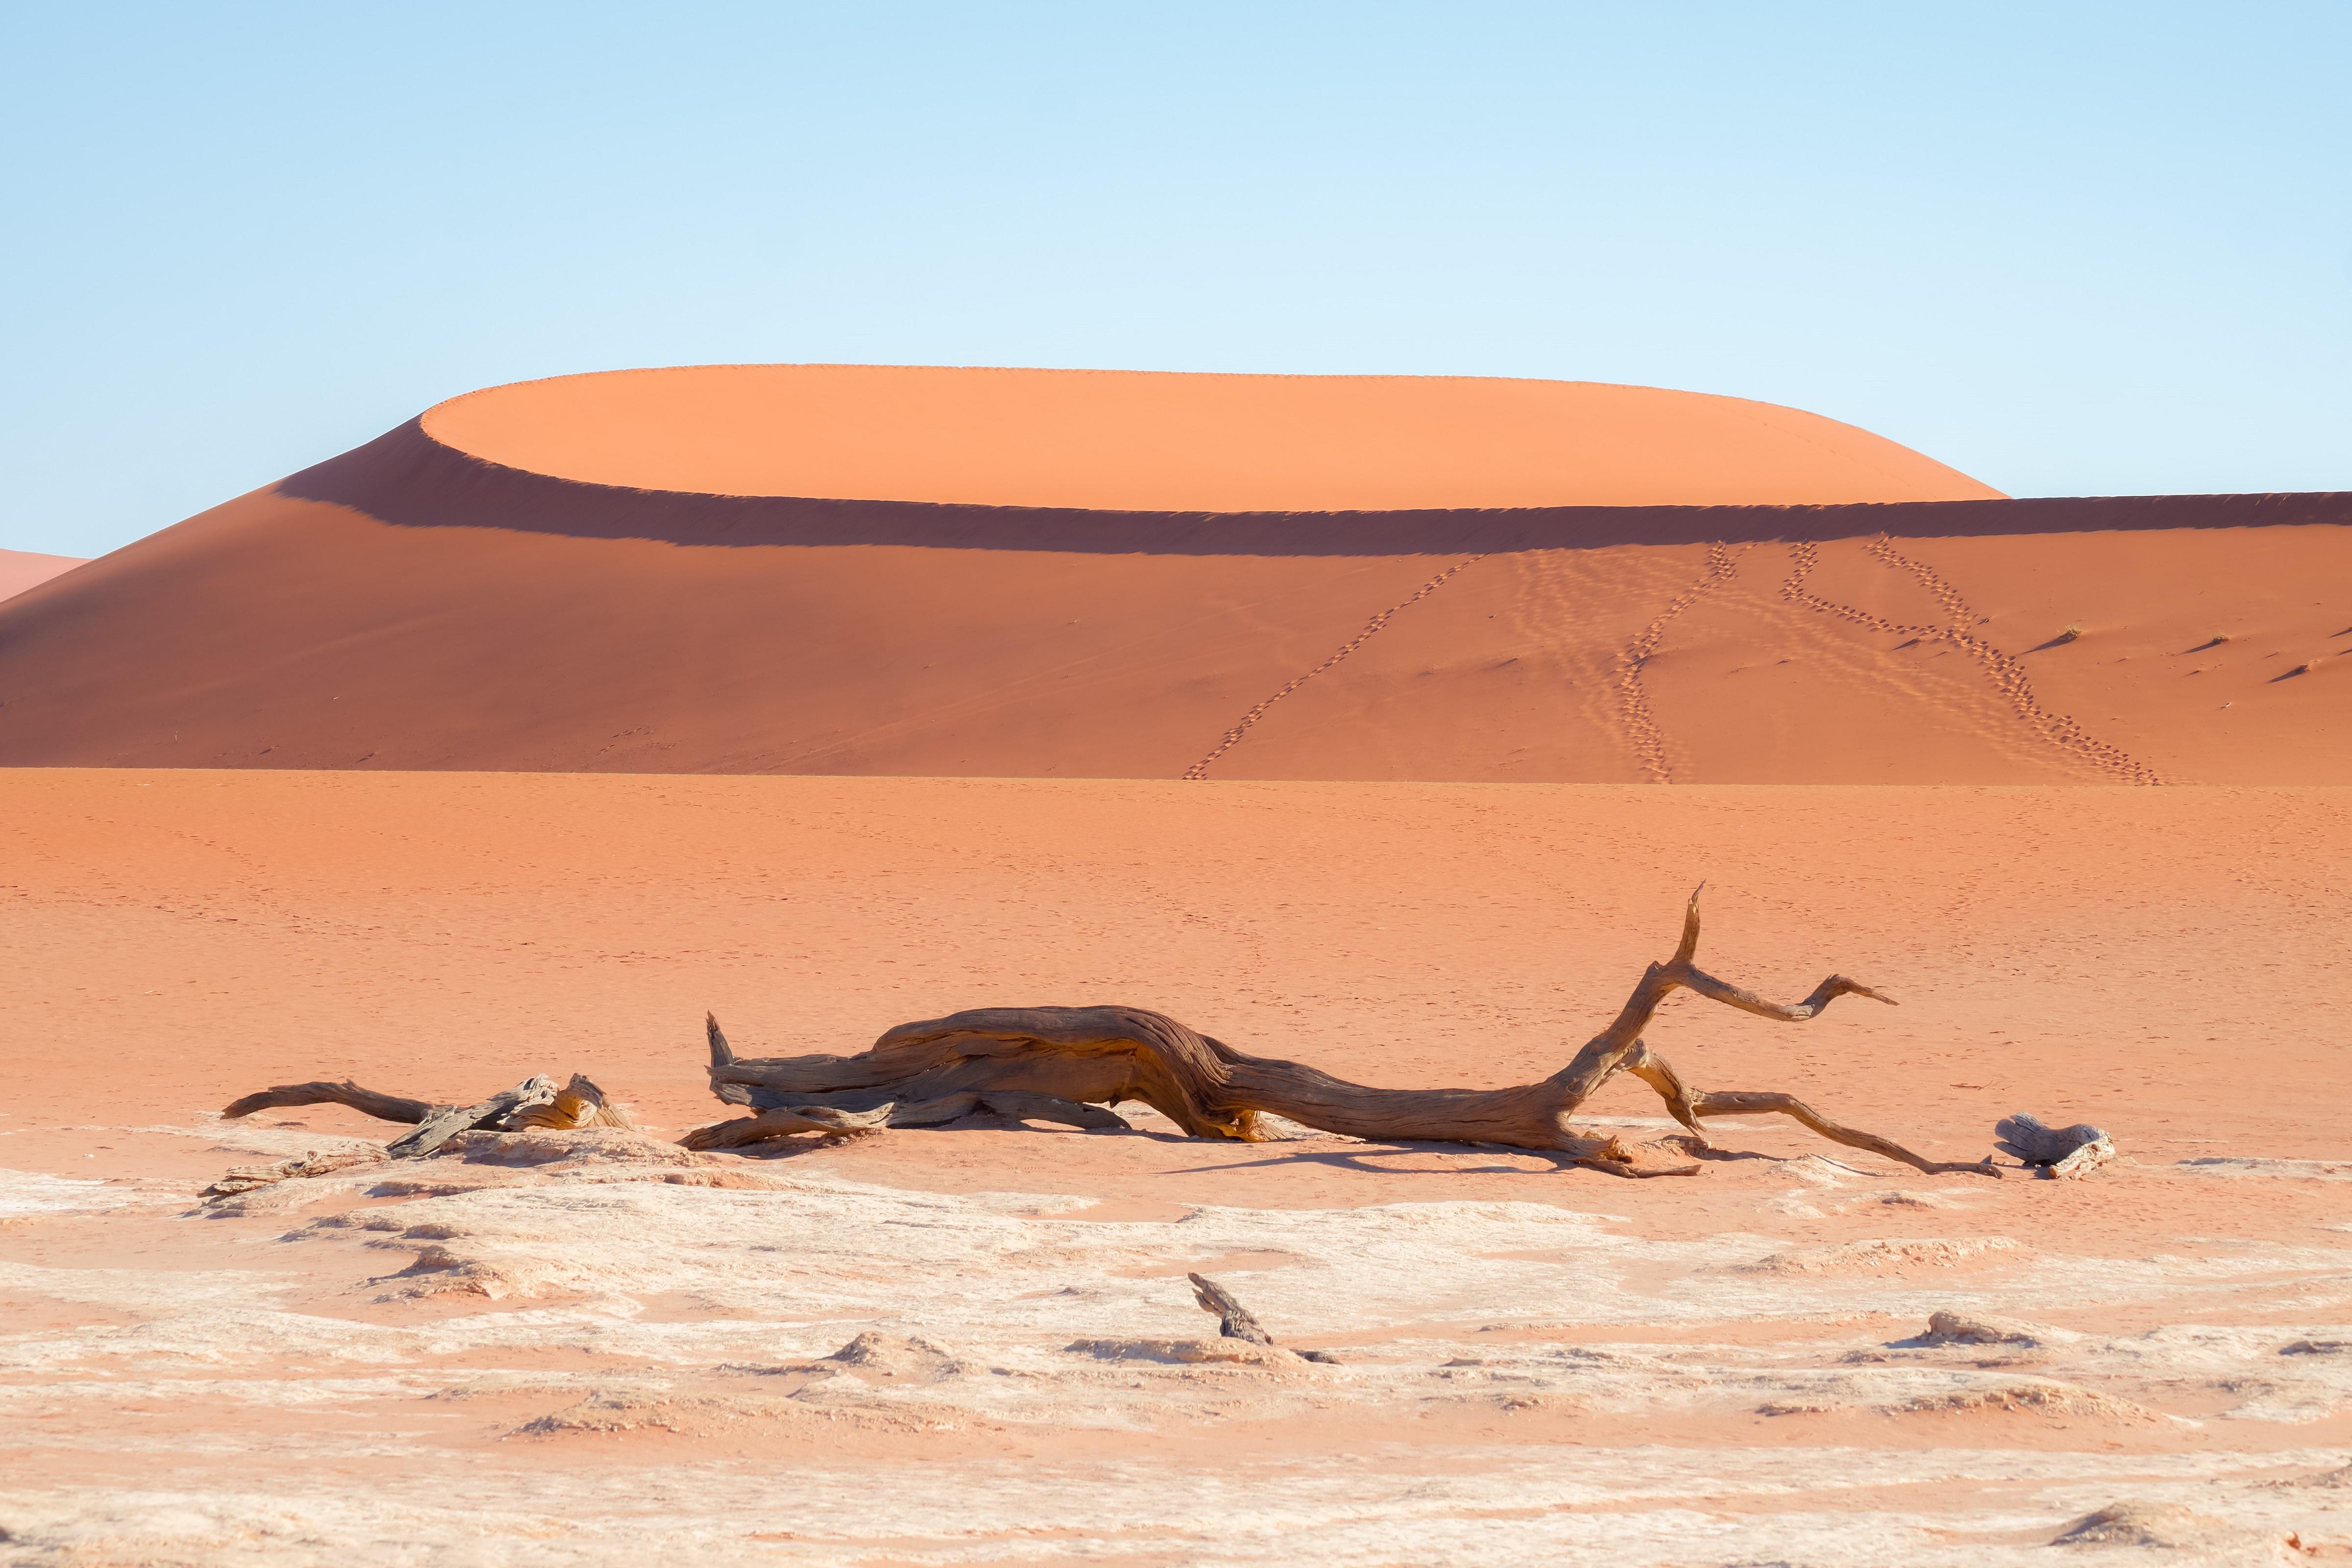 Namibia - den tham thung lung chet, thanh pho ma va dieu khong tuong hinh anh 8